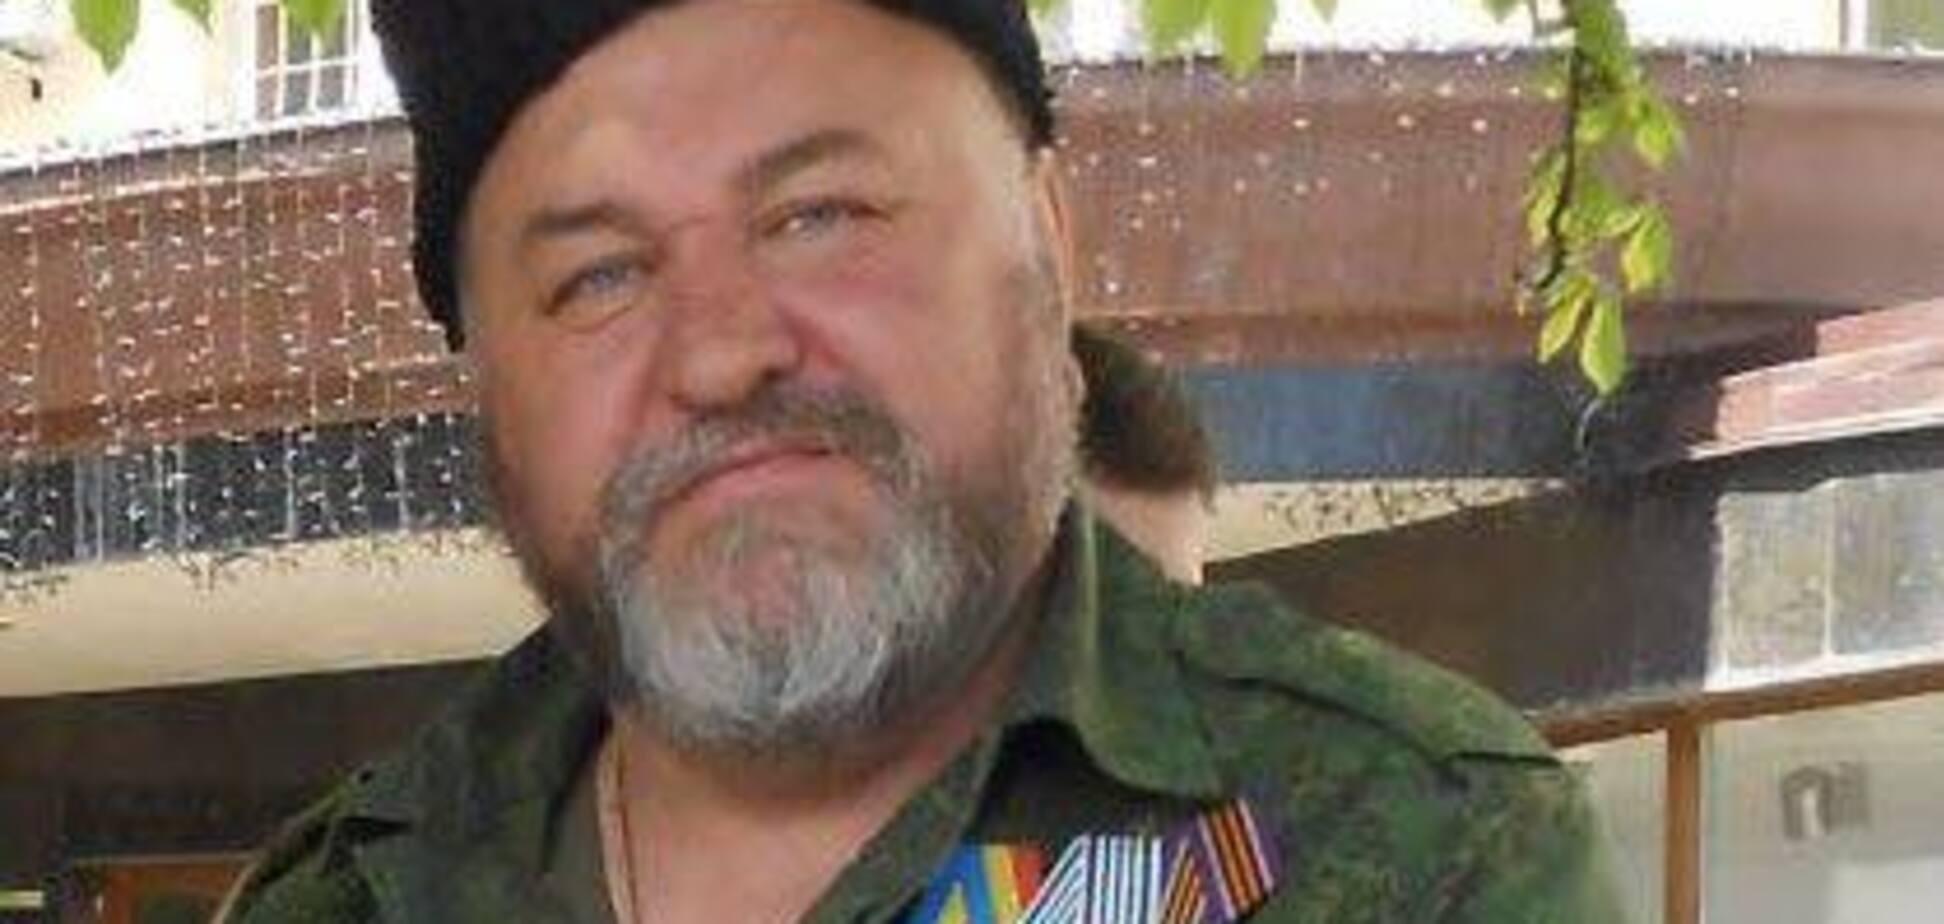 Вчасно не зупинили: у мережі вирахували козачого отамана, який воює за 'ЛНР'